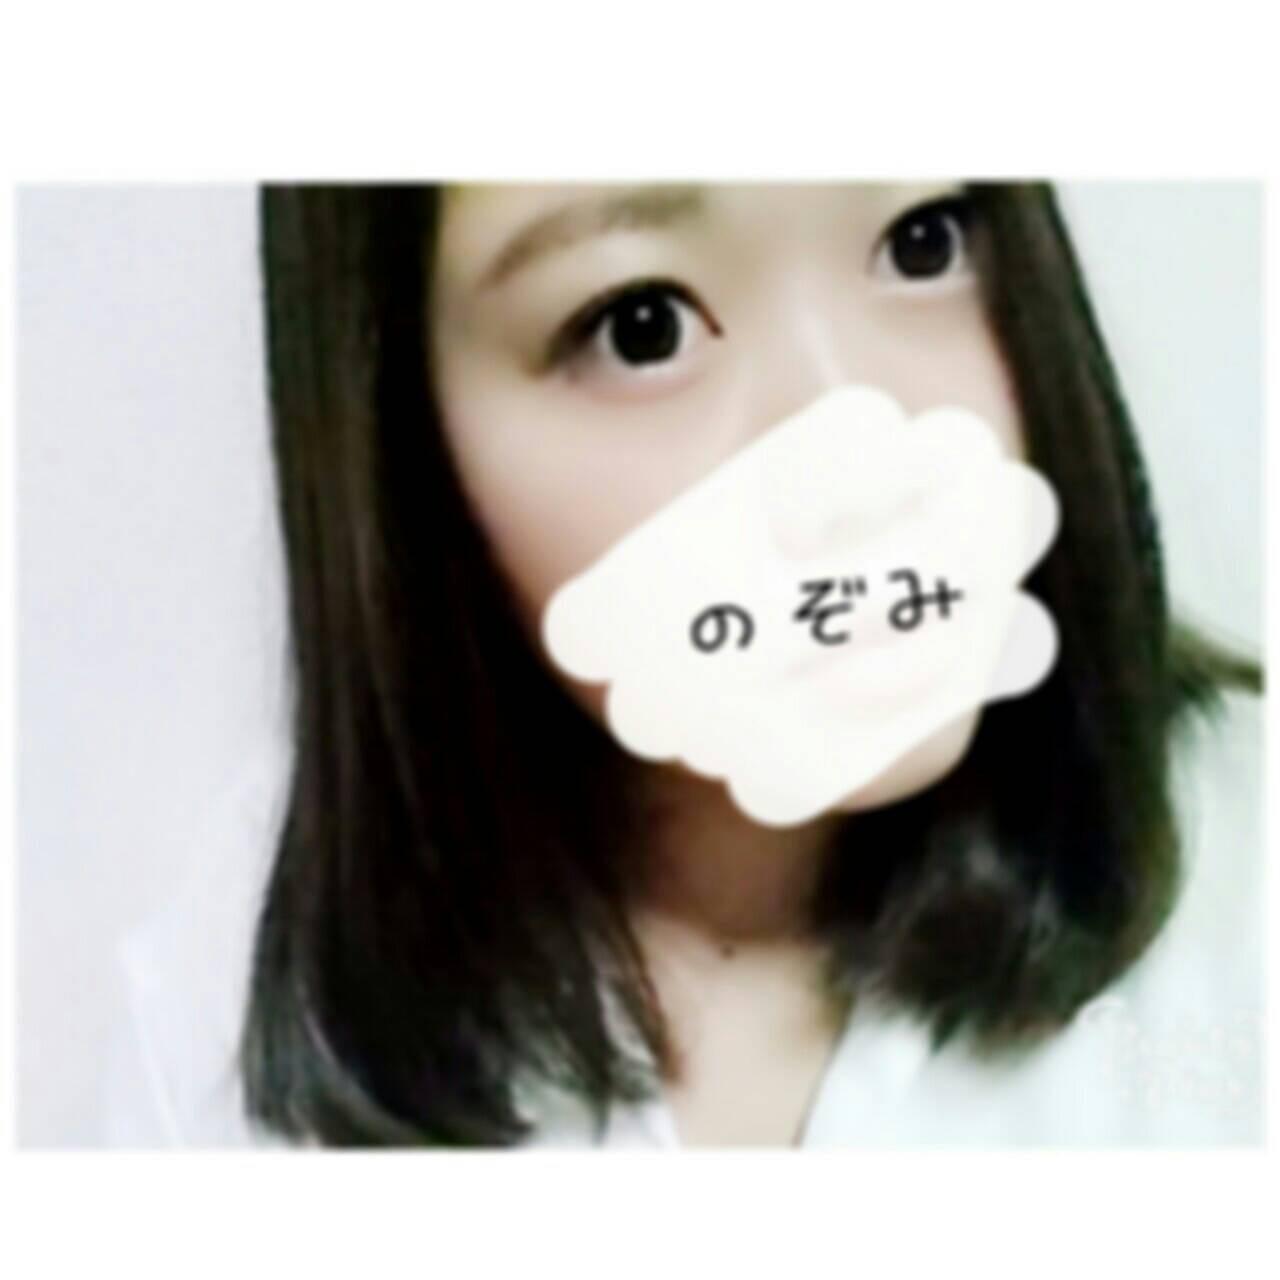 「びちょびちょだー」08/15(08/15) 16:01 | のぞみの写メ・風俗動画